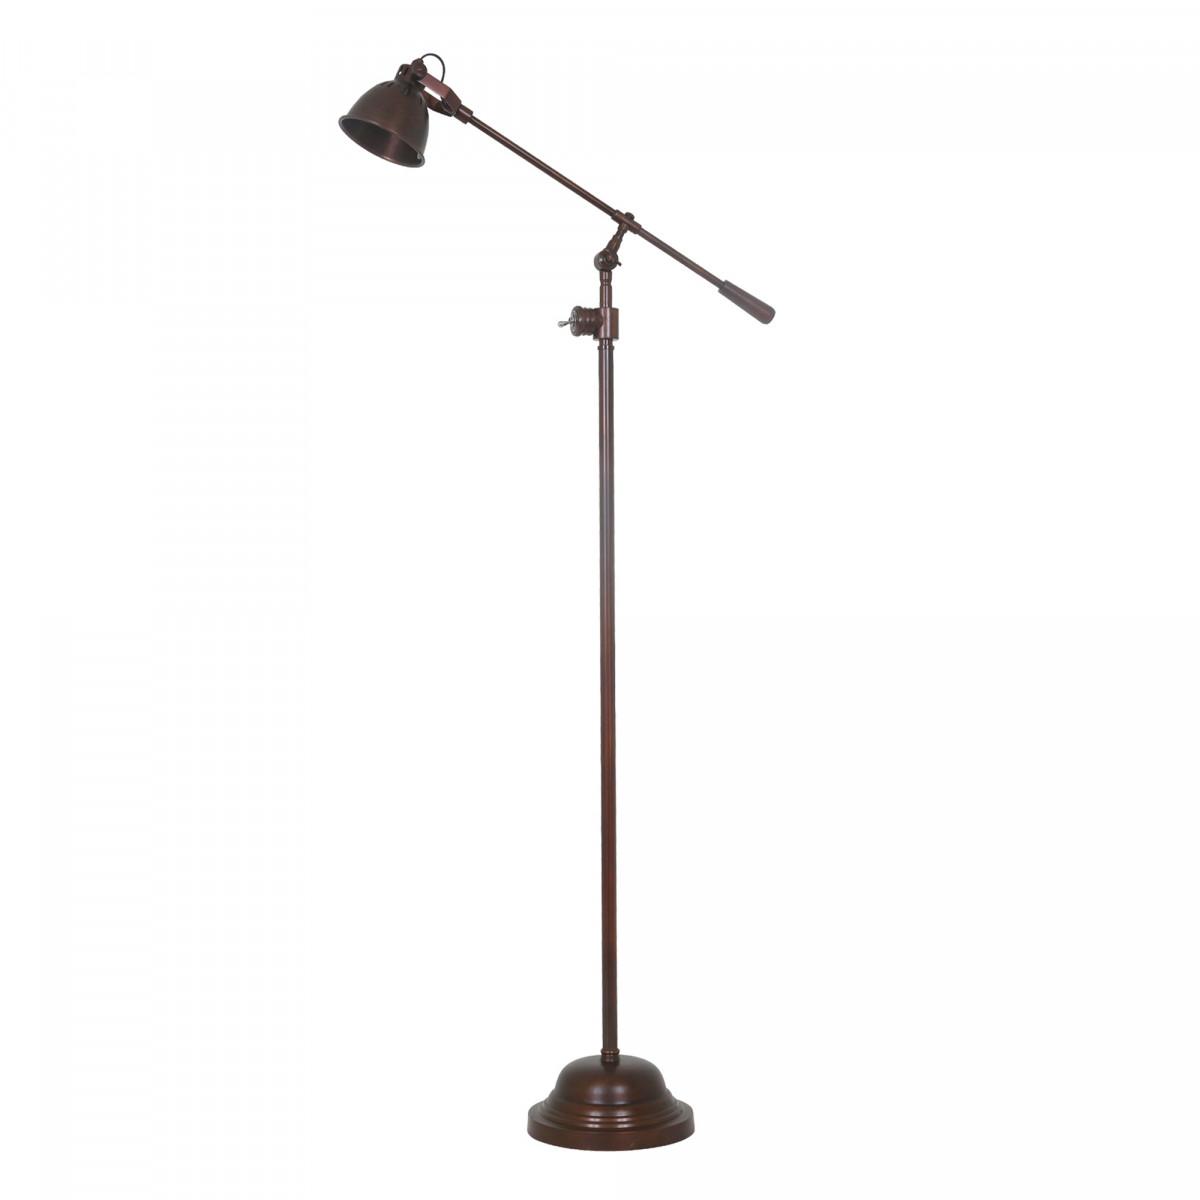 Industrial Stehlampe Archer Antik-Kupfer